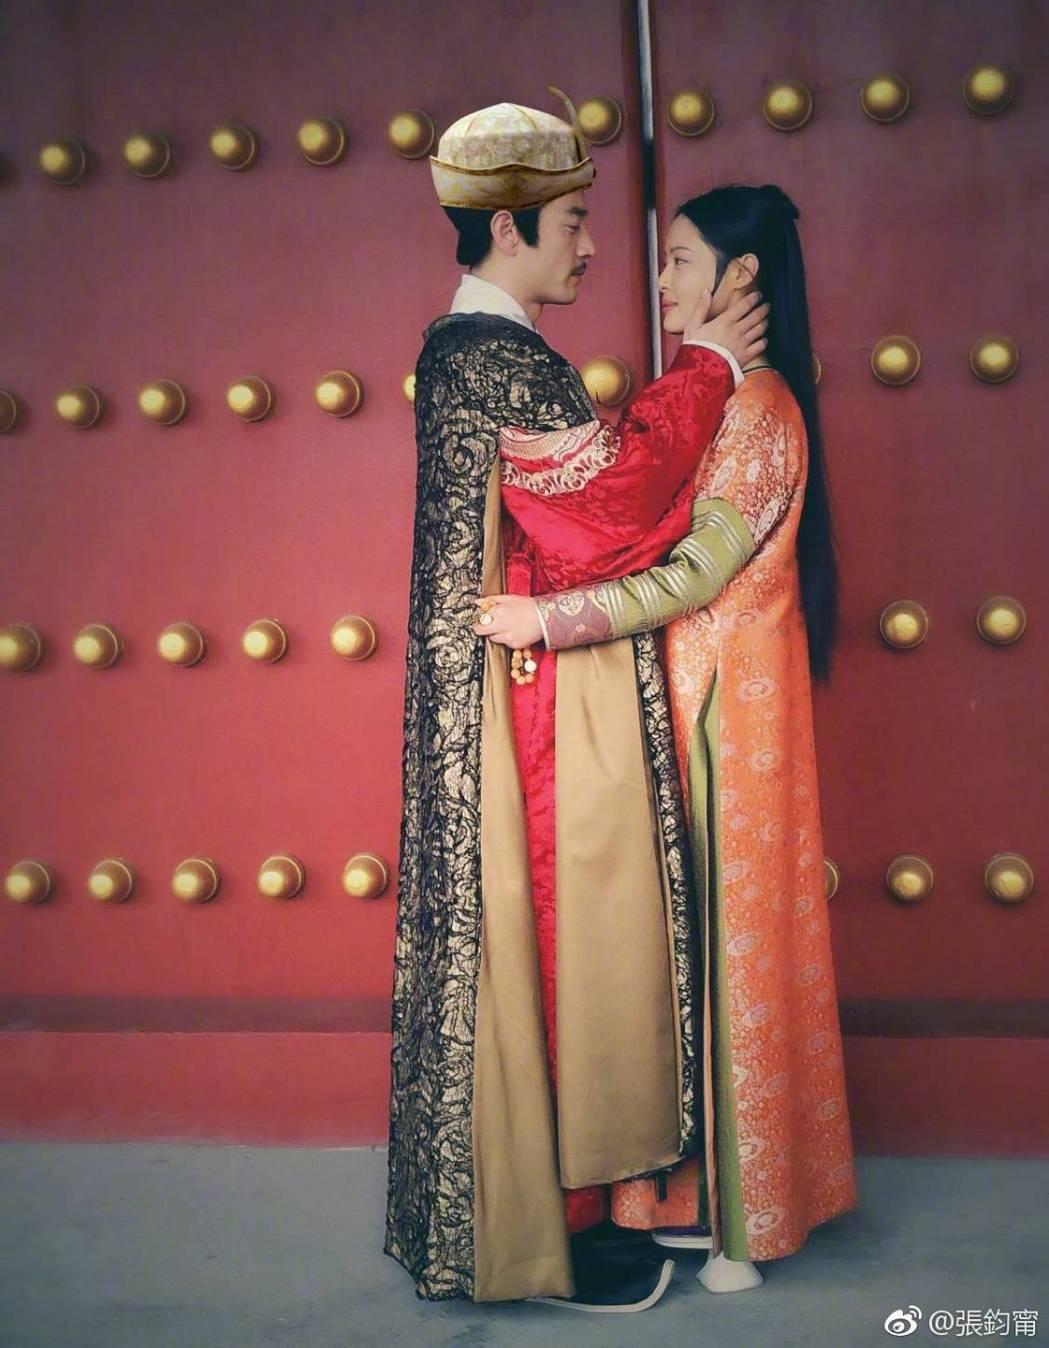 辛芷蕾在「如懿傳」中癡愛母族「王爺」。圖/摘自微博